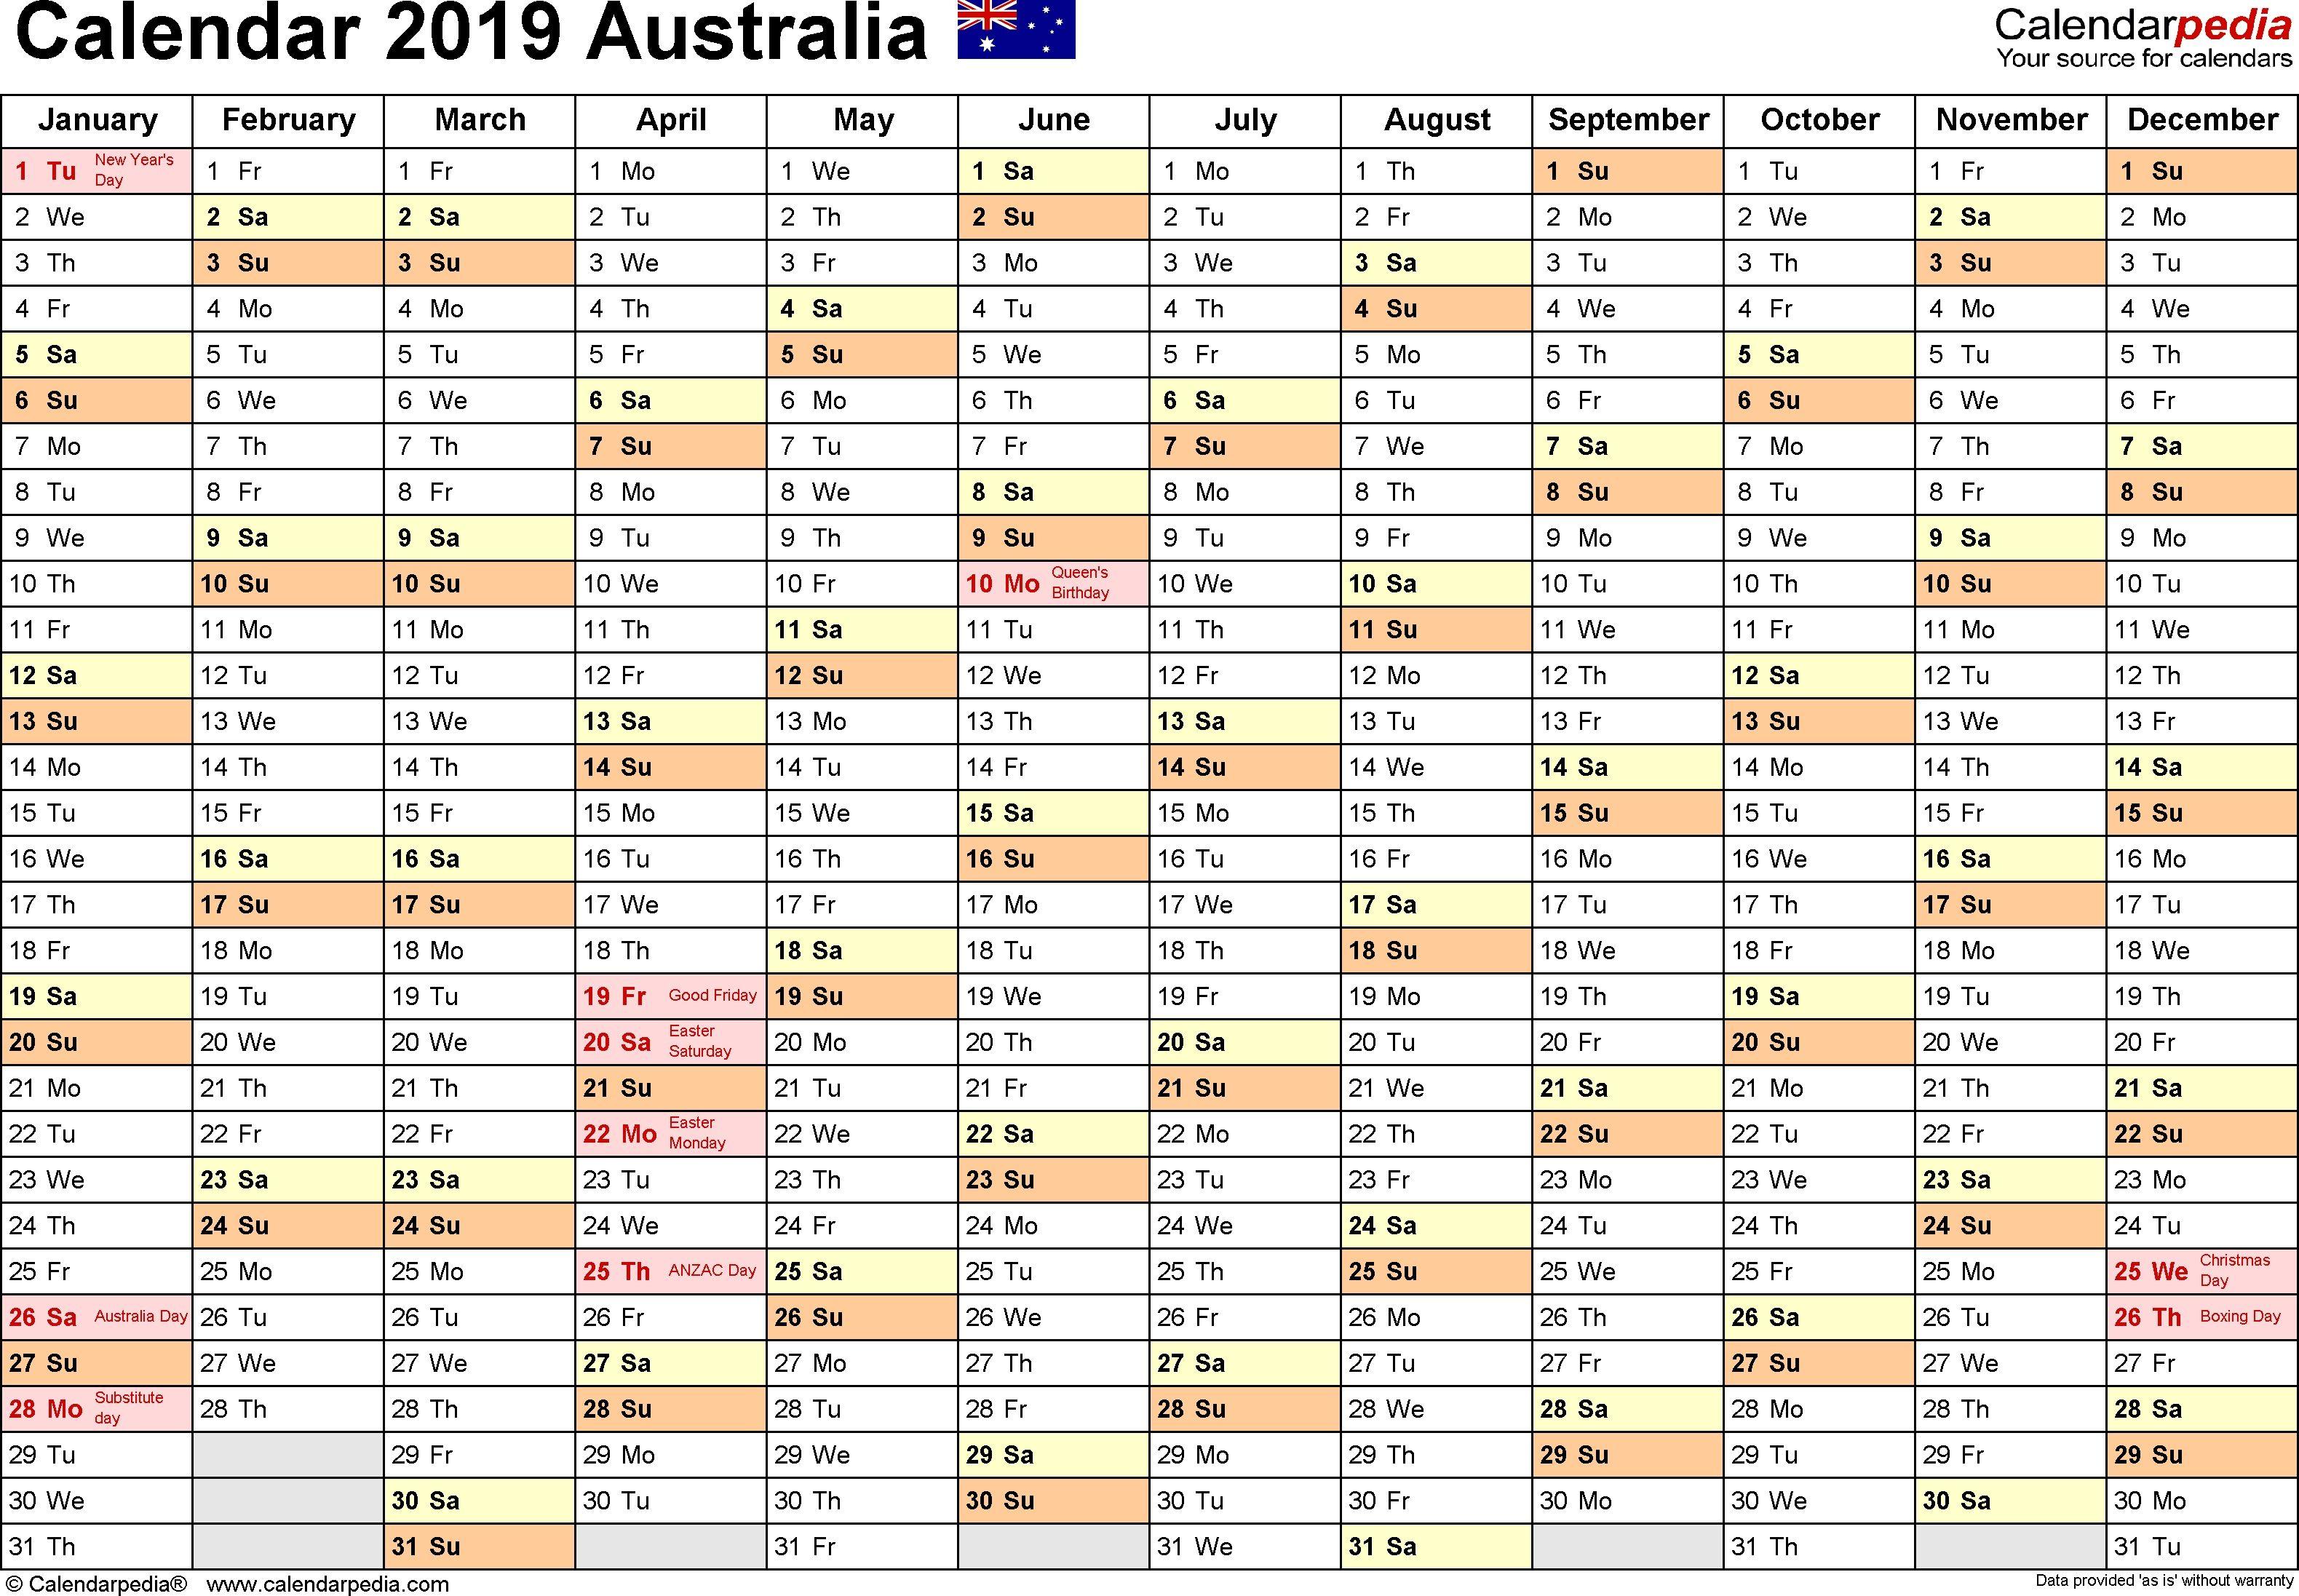 Australia Calendar 2019  Free Printable Pdf Templates Make for Julian Calendar 2020 - Quadax